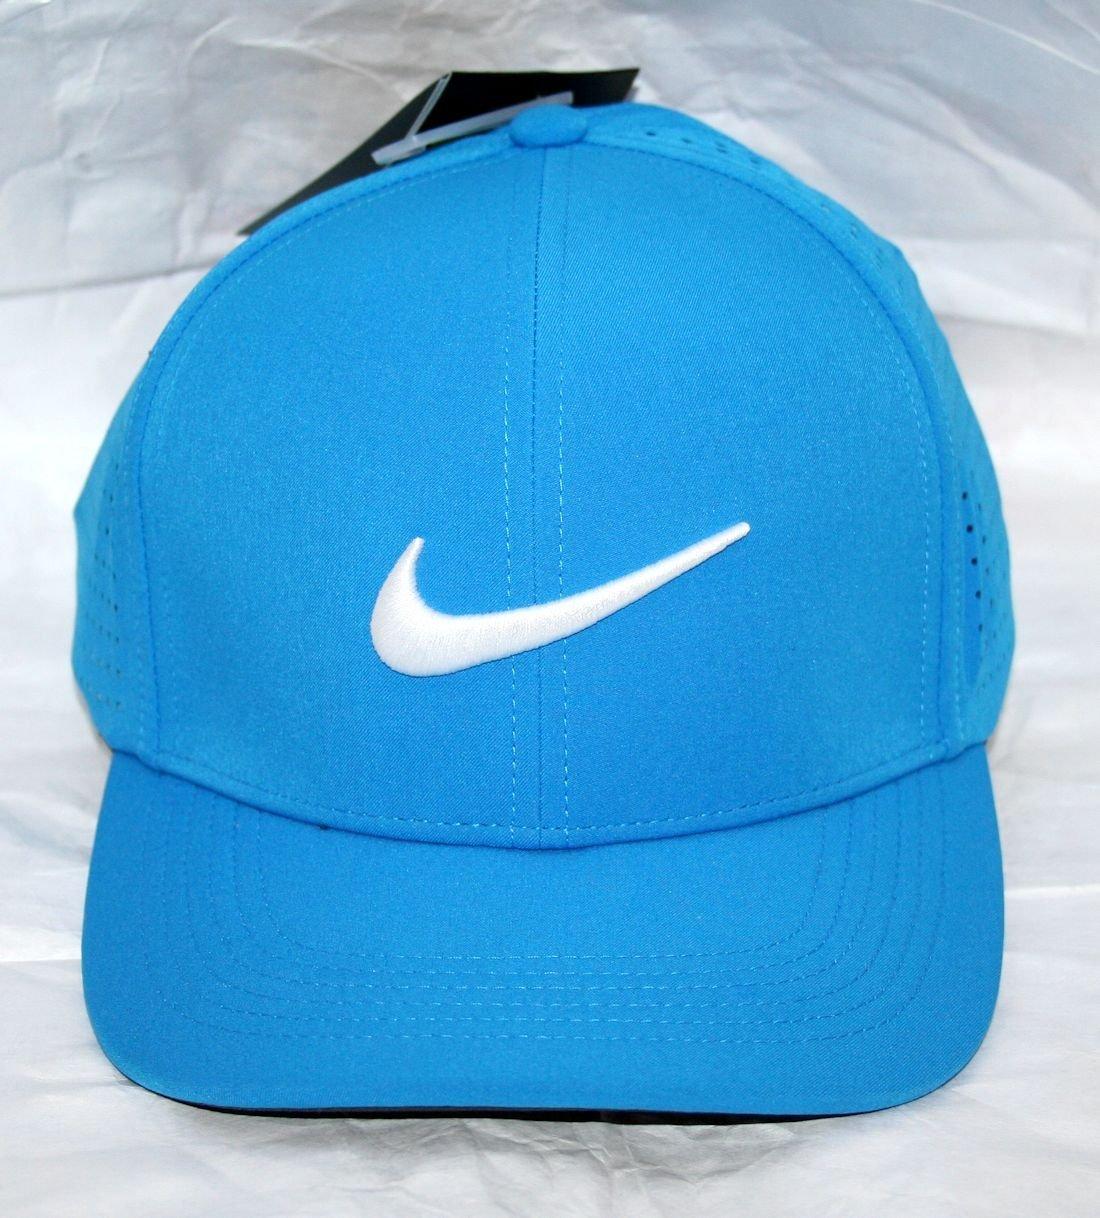 (ナイキゴルフ)NIKE Golf ゴルフ DRI-FIT クラシック99キャップ 803330 [ユニセックス] B01FEAHX9G Small-Medium フォトブルー(Photo Blue)